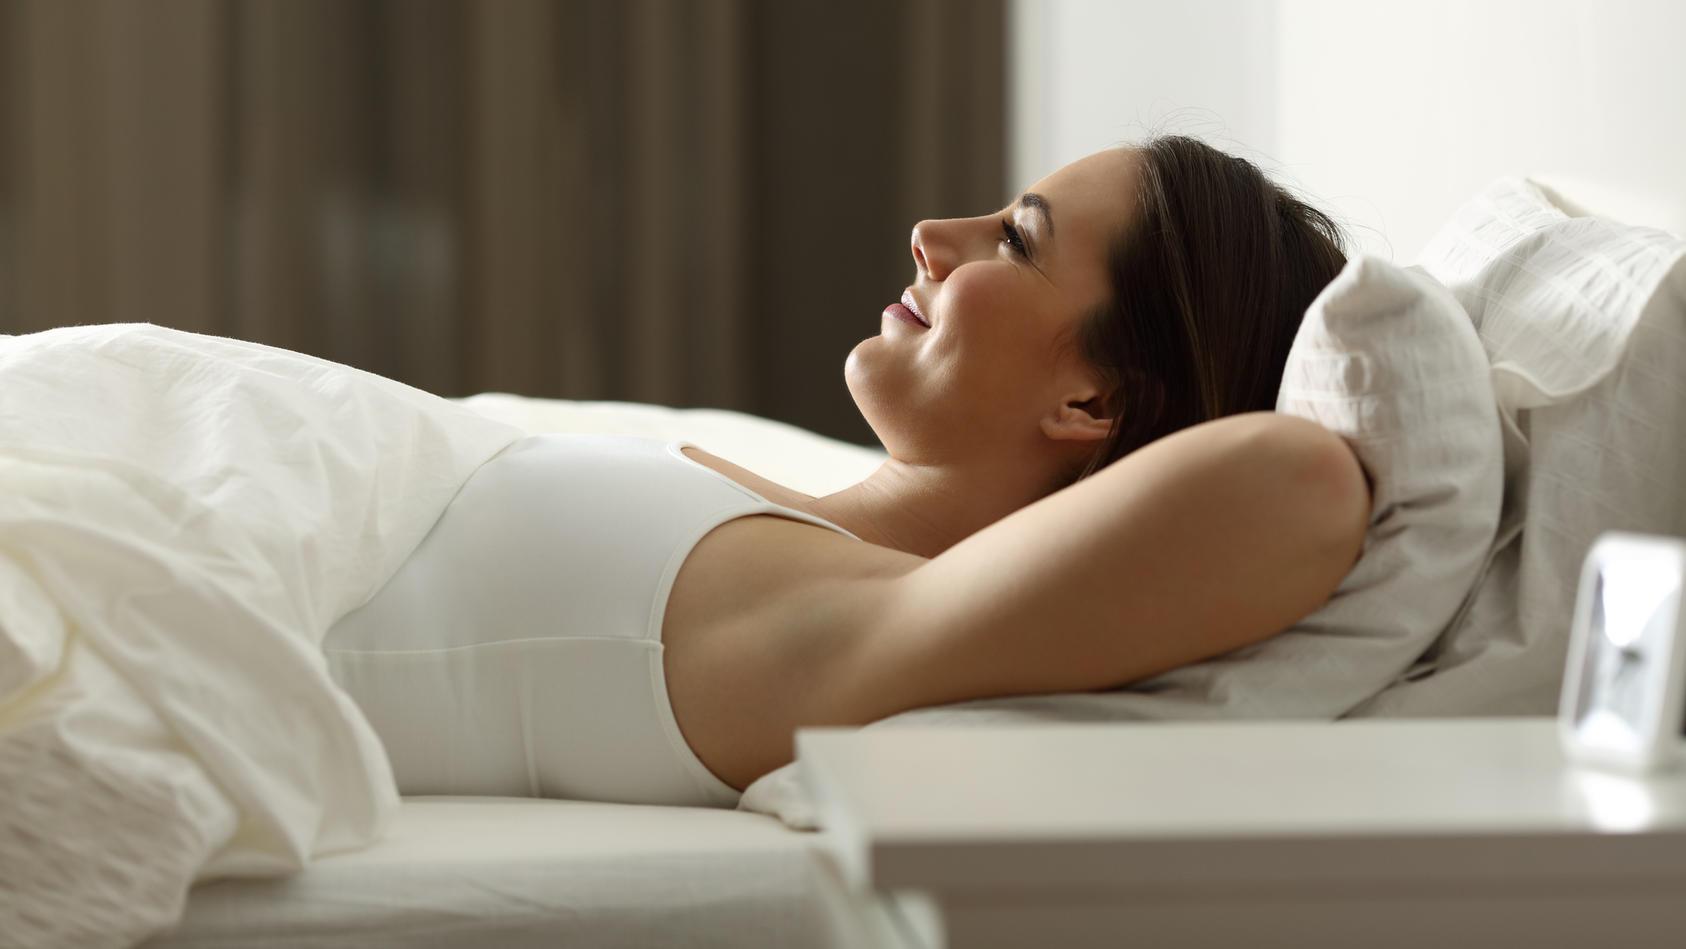 Welche Matratze passt am besten zu Körper und Schlafgewohnheiten?